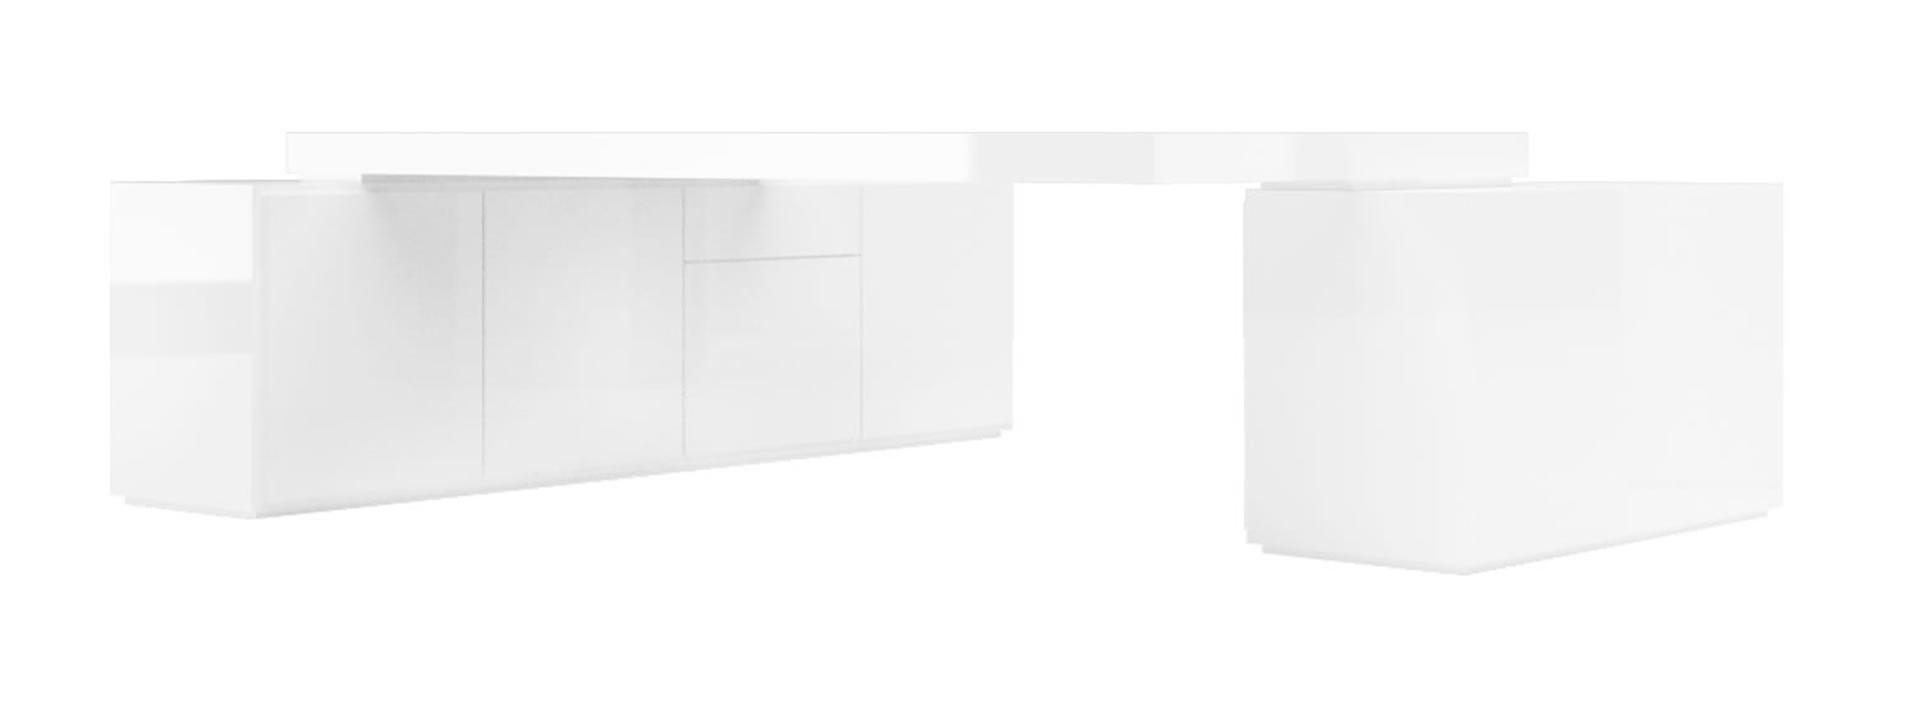 Schreibtischplatte weiß  Möbel Minimalismus ▭ moderne weiße Hochglanz Design-Möbel von ...